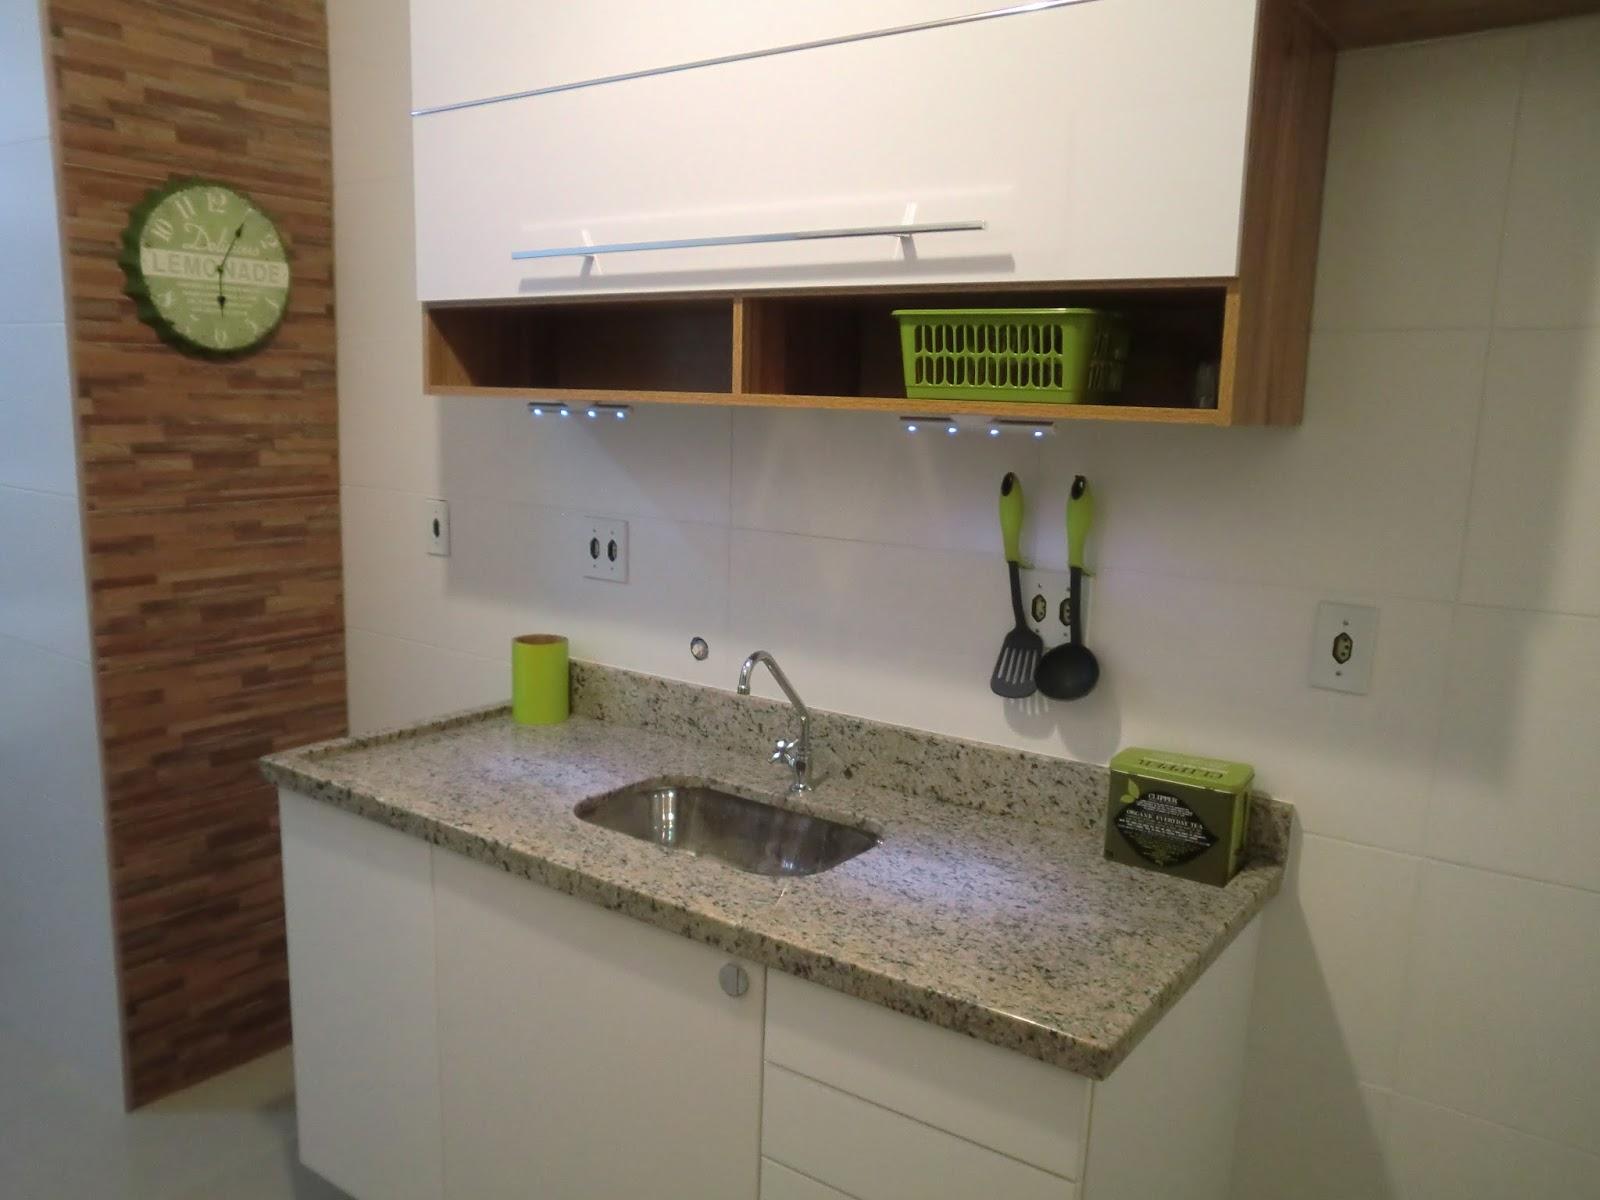 Related To Reforma Do Apartamento Antes E Depois Da Cozinha Pictures #515A21 1600 1200